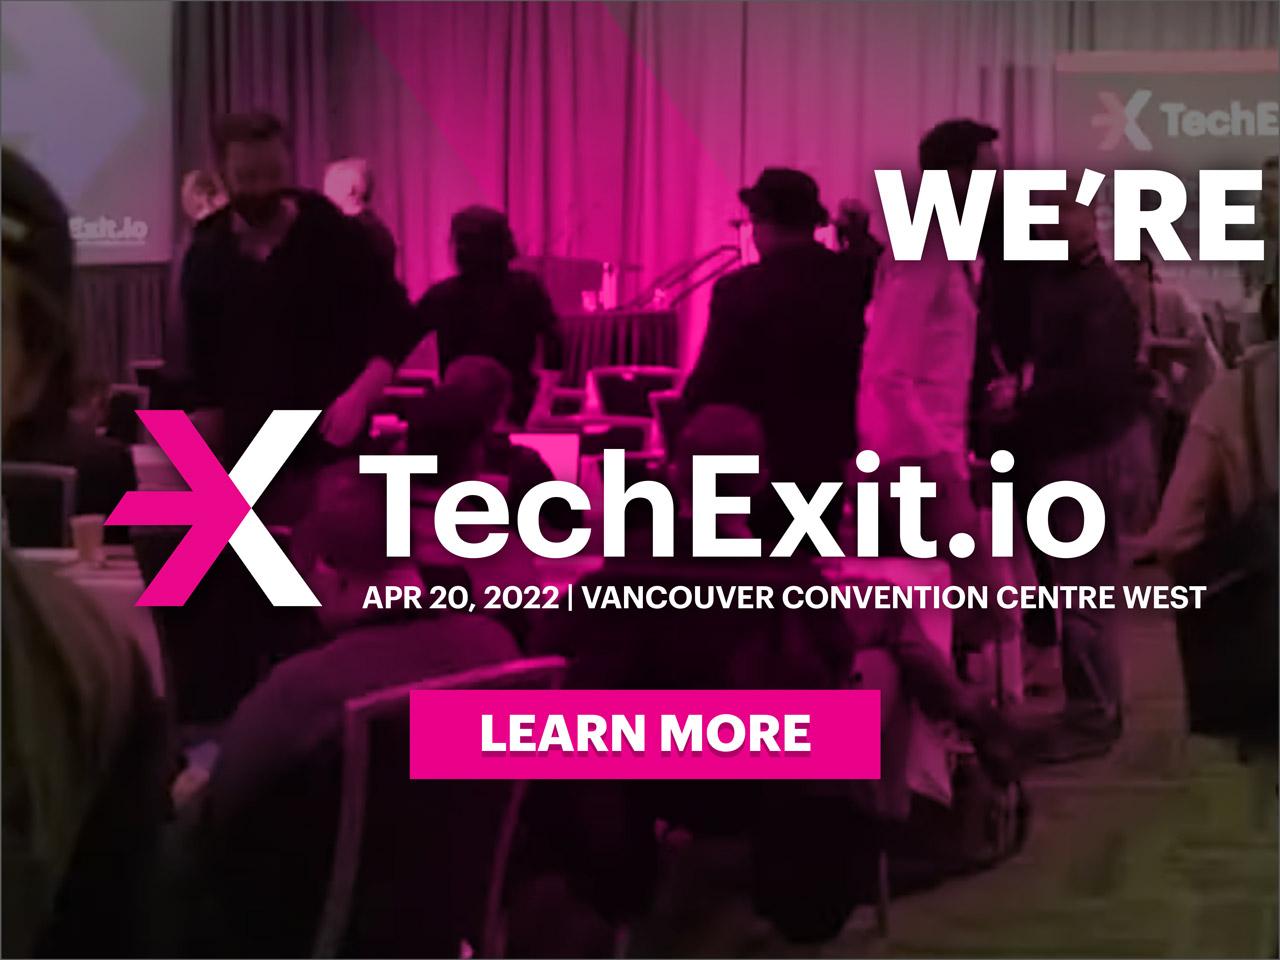 TechExit Vancouver